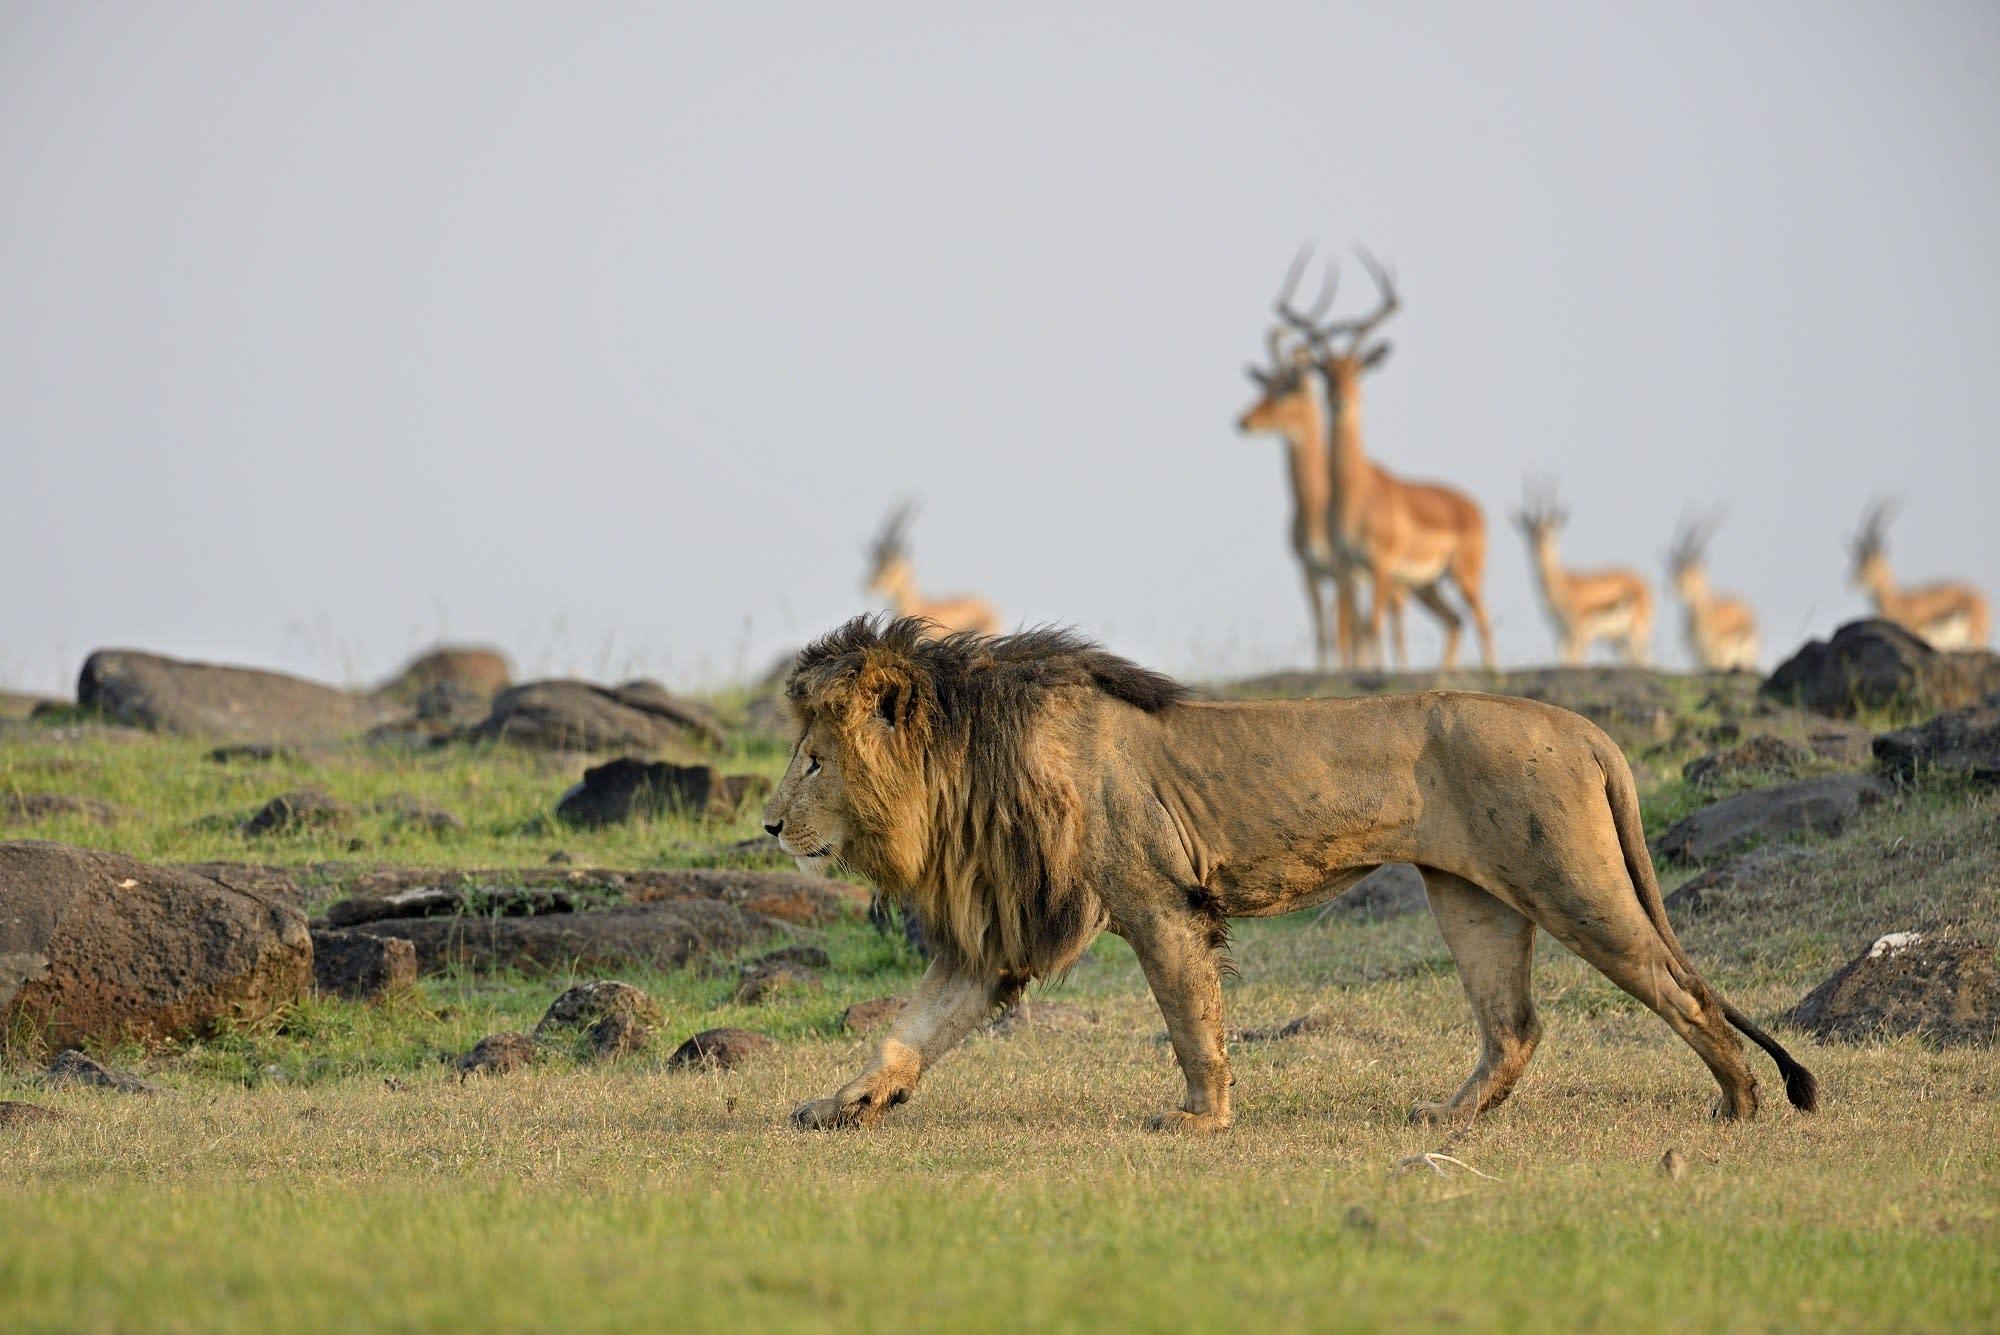 Löwe und Antilopen in der Savanne von Simbabwe, Afrika